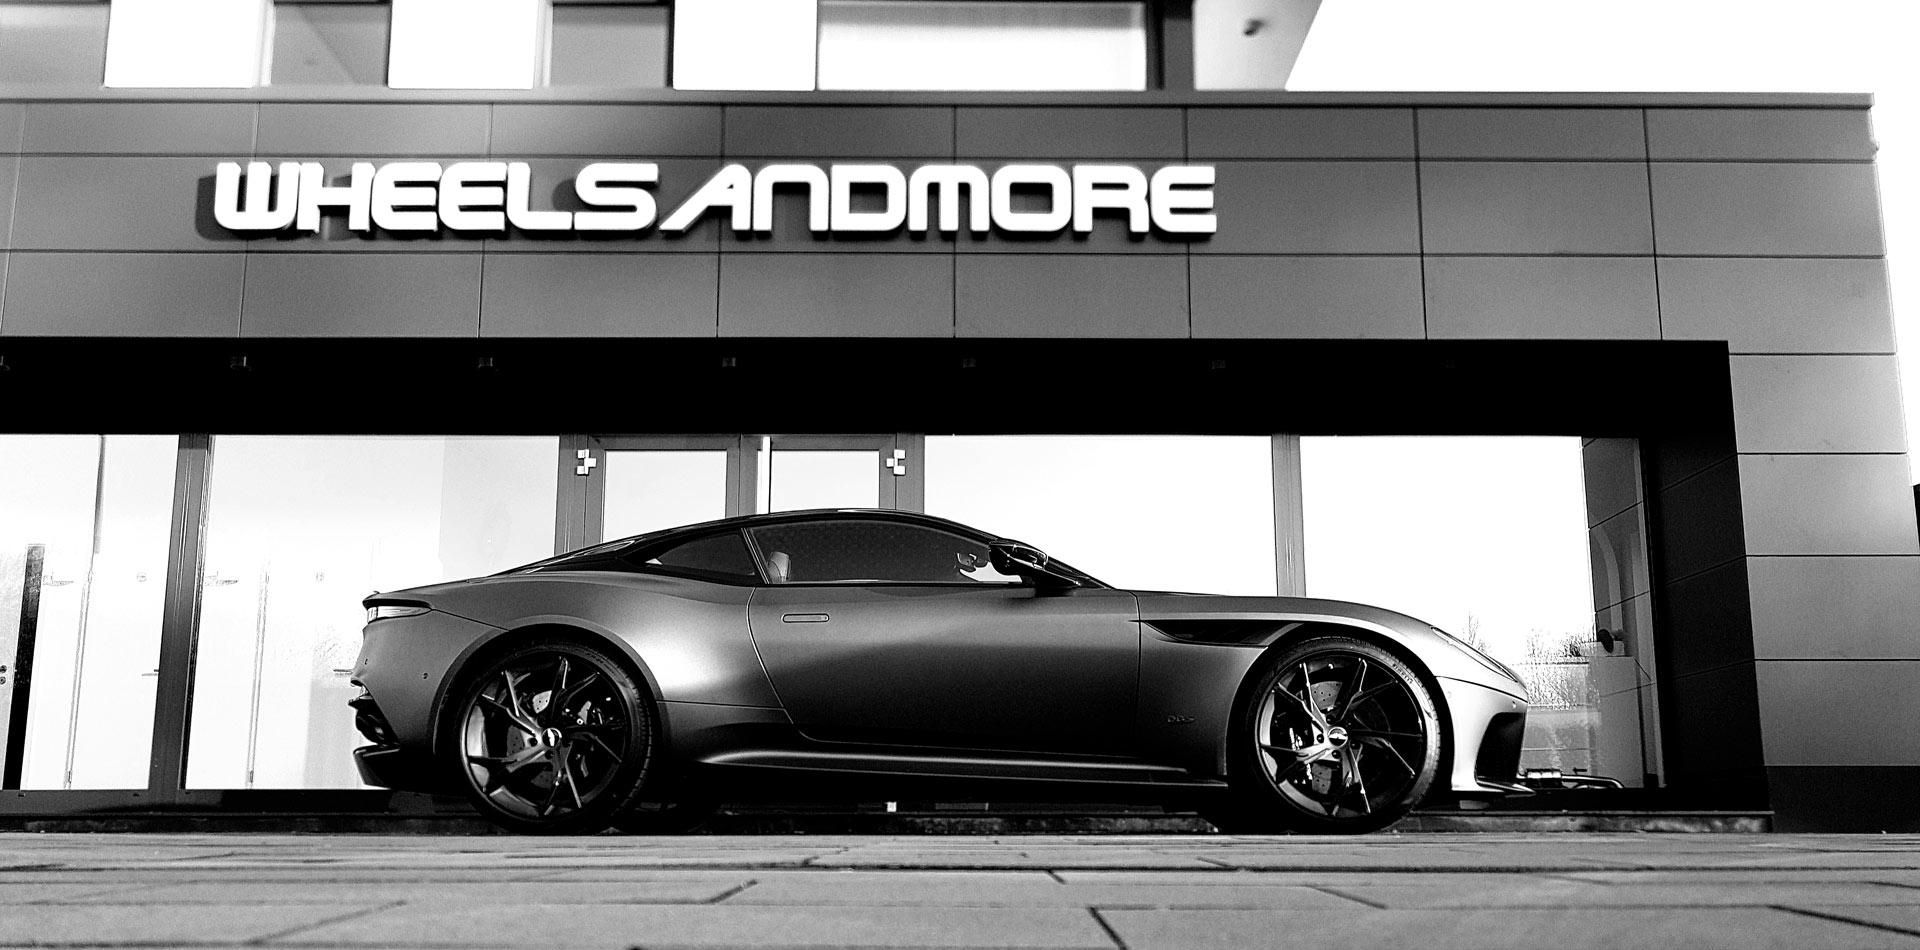 Aston Martin DBS Superleggera Felgen, Auspuffanlage, Tuning